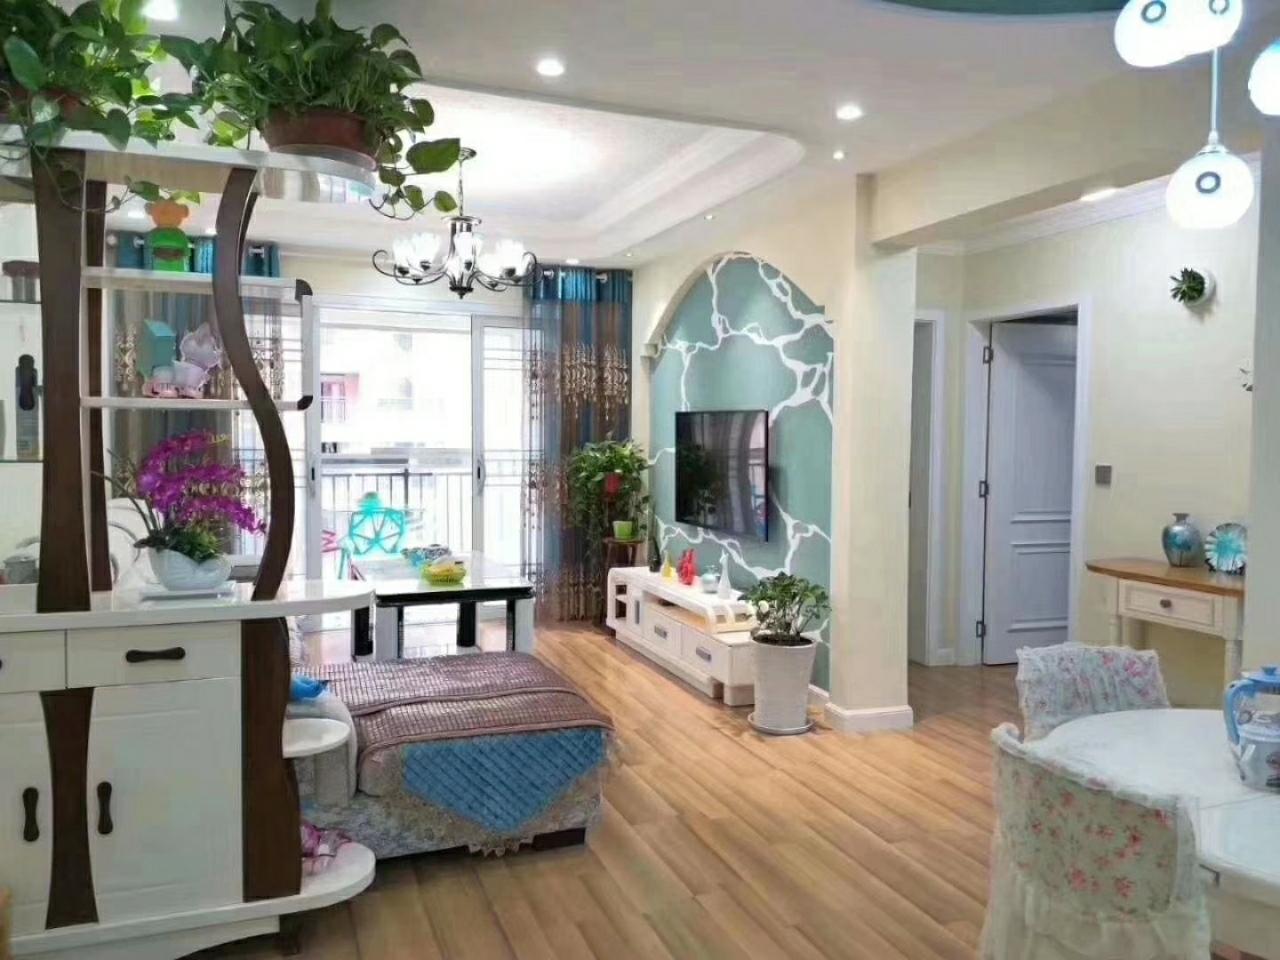 国维·中央府邸精装2室1厅喊价58.8万元